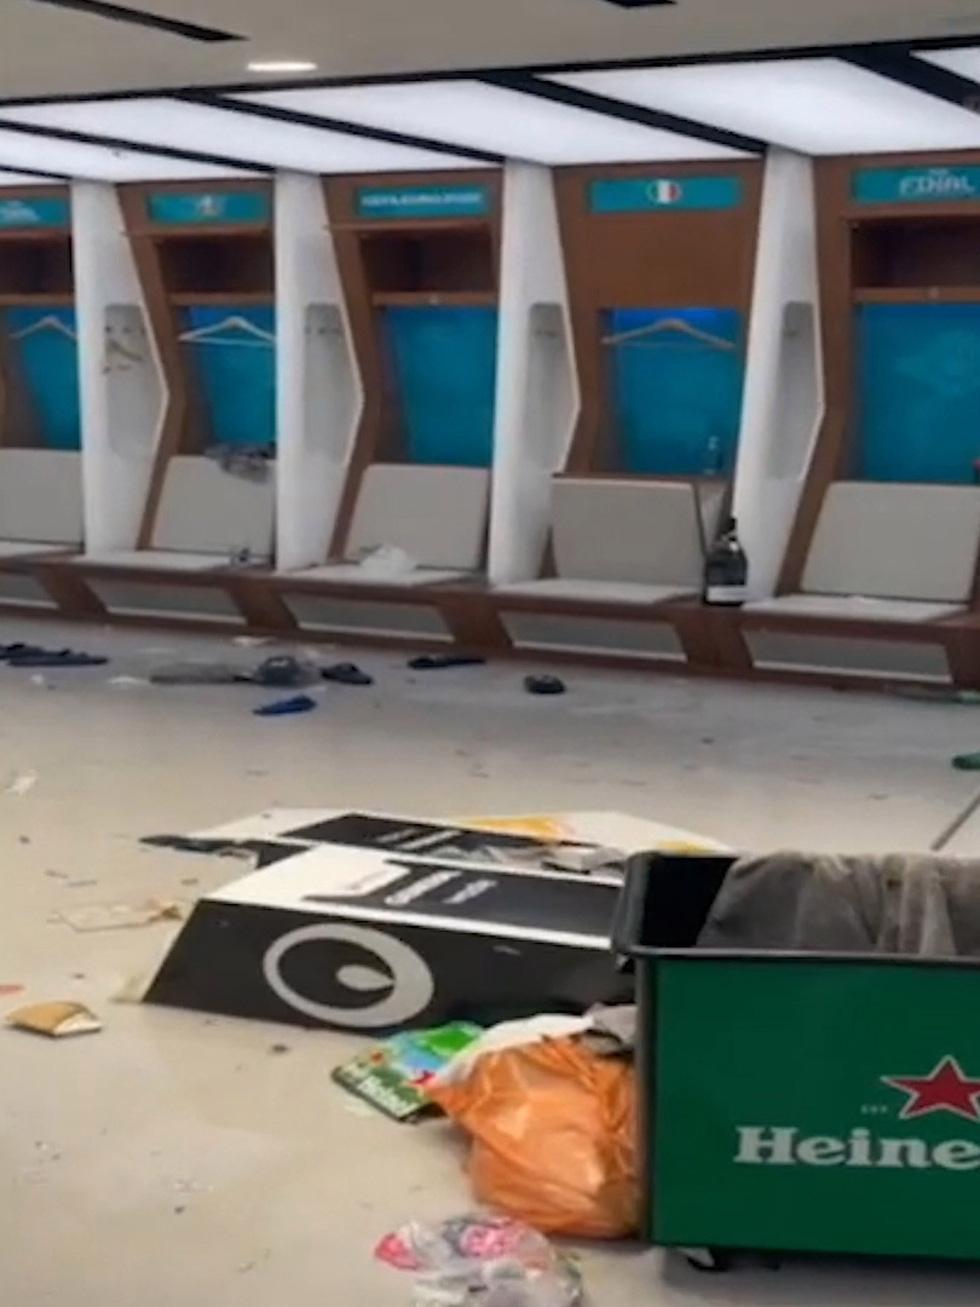 Phòng thay đồ của tuyển Ý sau trận chung kết với Anh đầy rác, quần áo và chai bia - Ảnh 7.